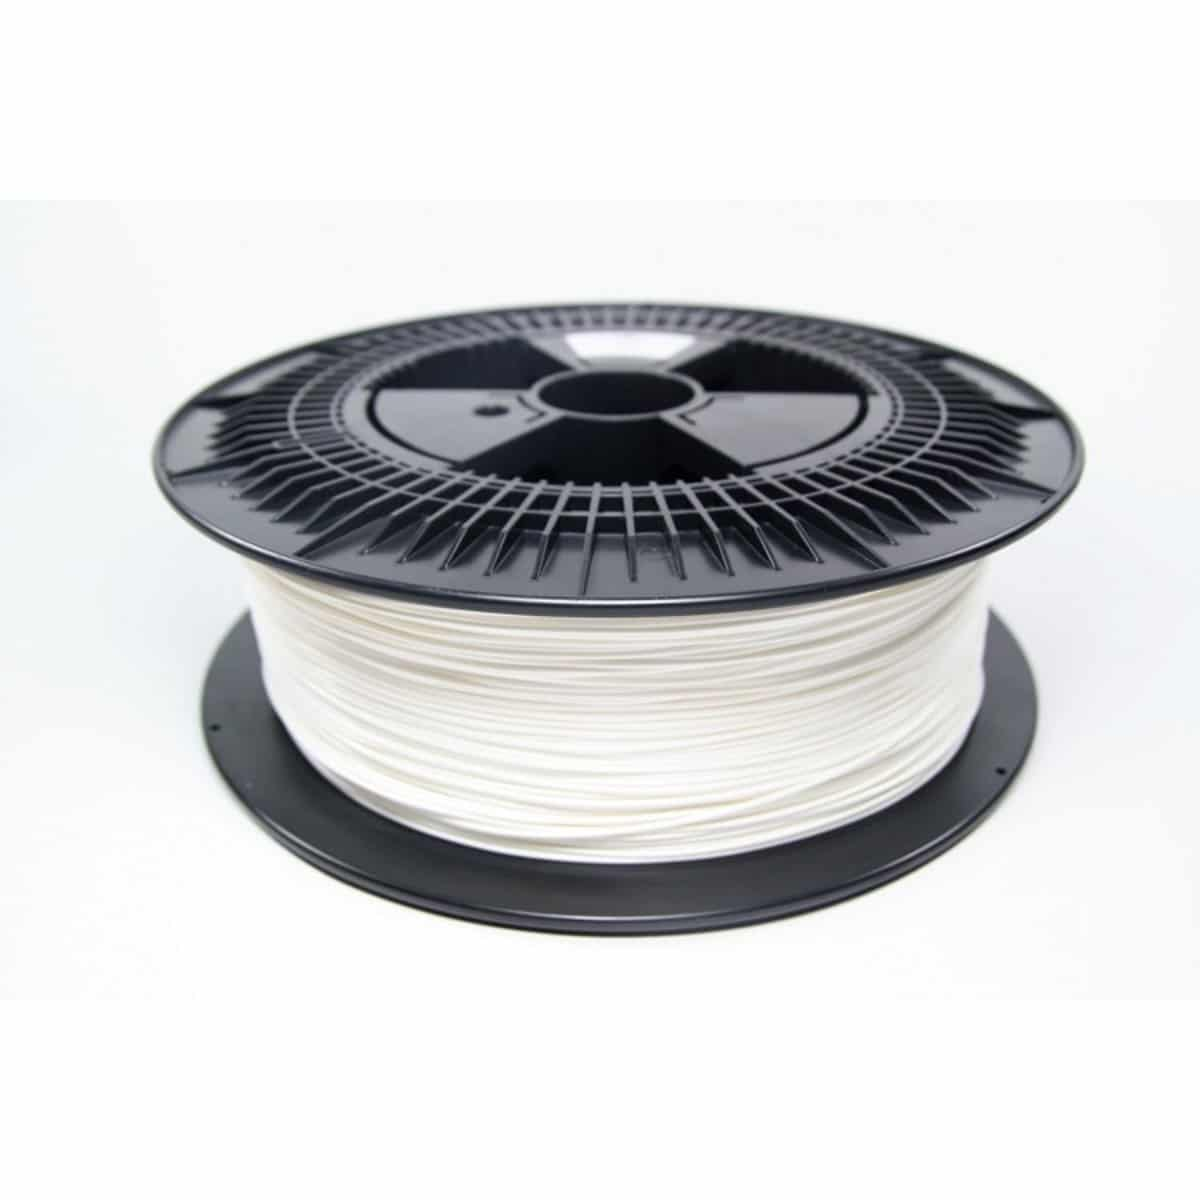 Billede af Spectrum Filaments - PETG - 1.75mm - Arctic White - 5 kg